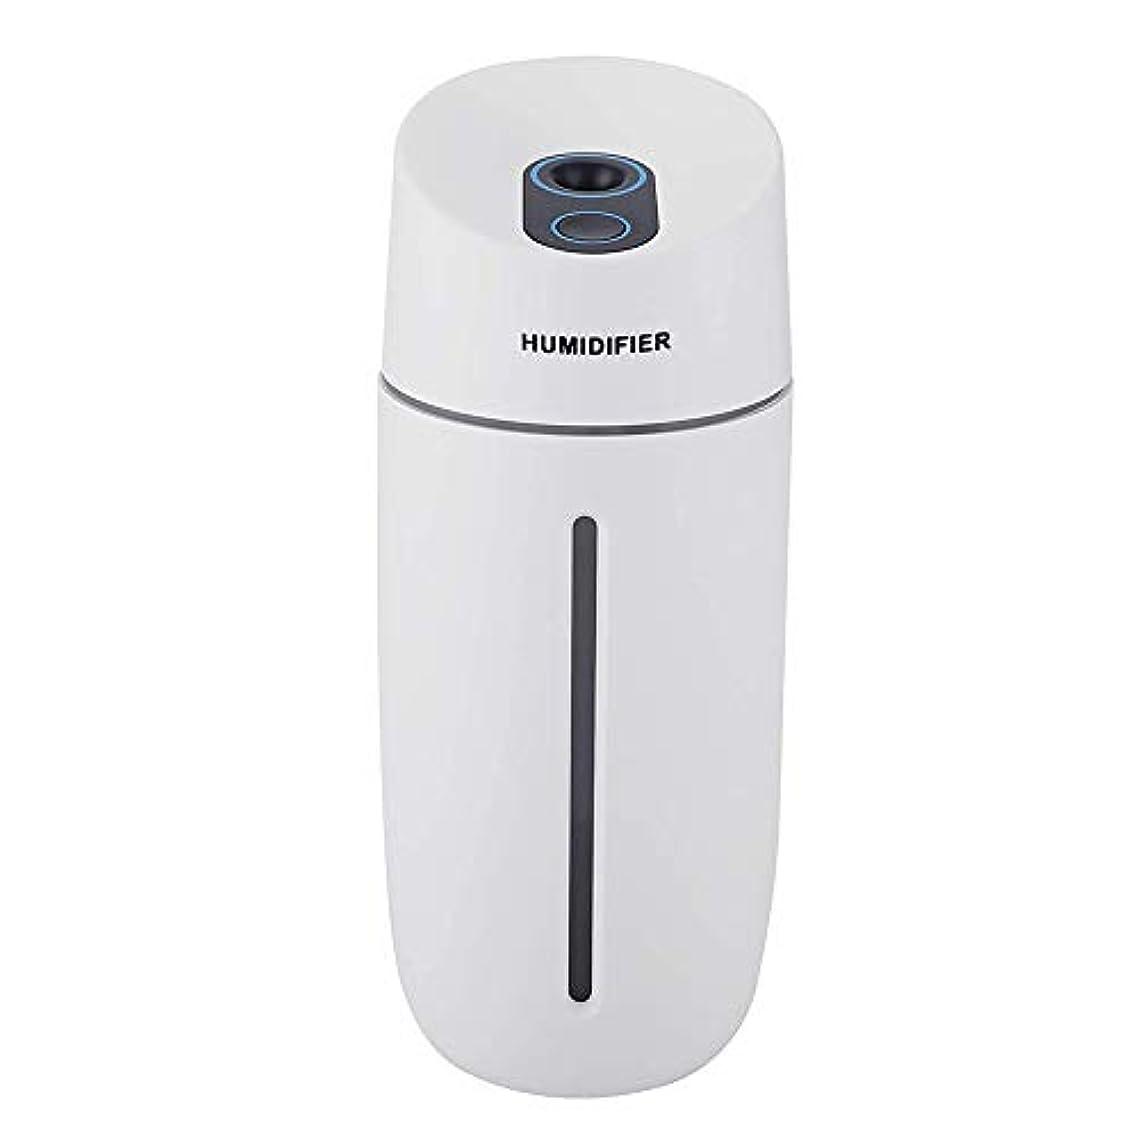 あたたかい肉モディッシュ卓上加湿器 LEDライト USB給電式 250ml 超静音 花粉 乾燥防止 空気浄化機 持ち運び便利 車載 オフィス 家庭用 加湿器 空気清浄機 ミュート 空焚き防止 自動停止